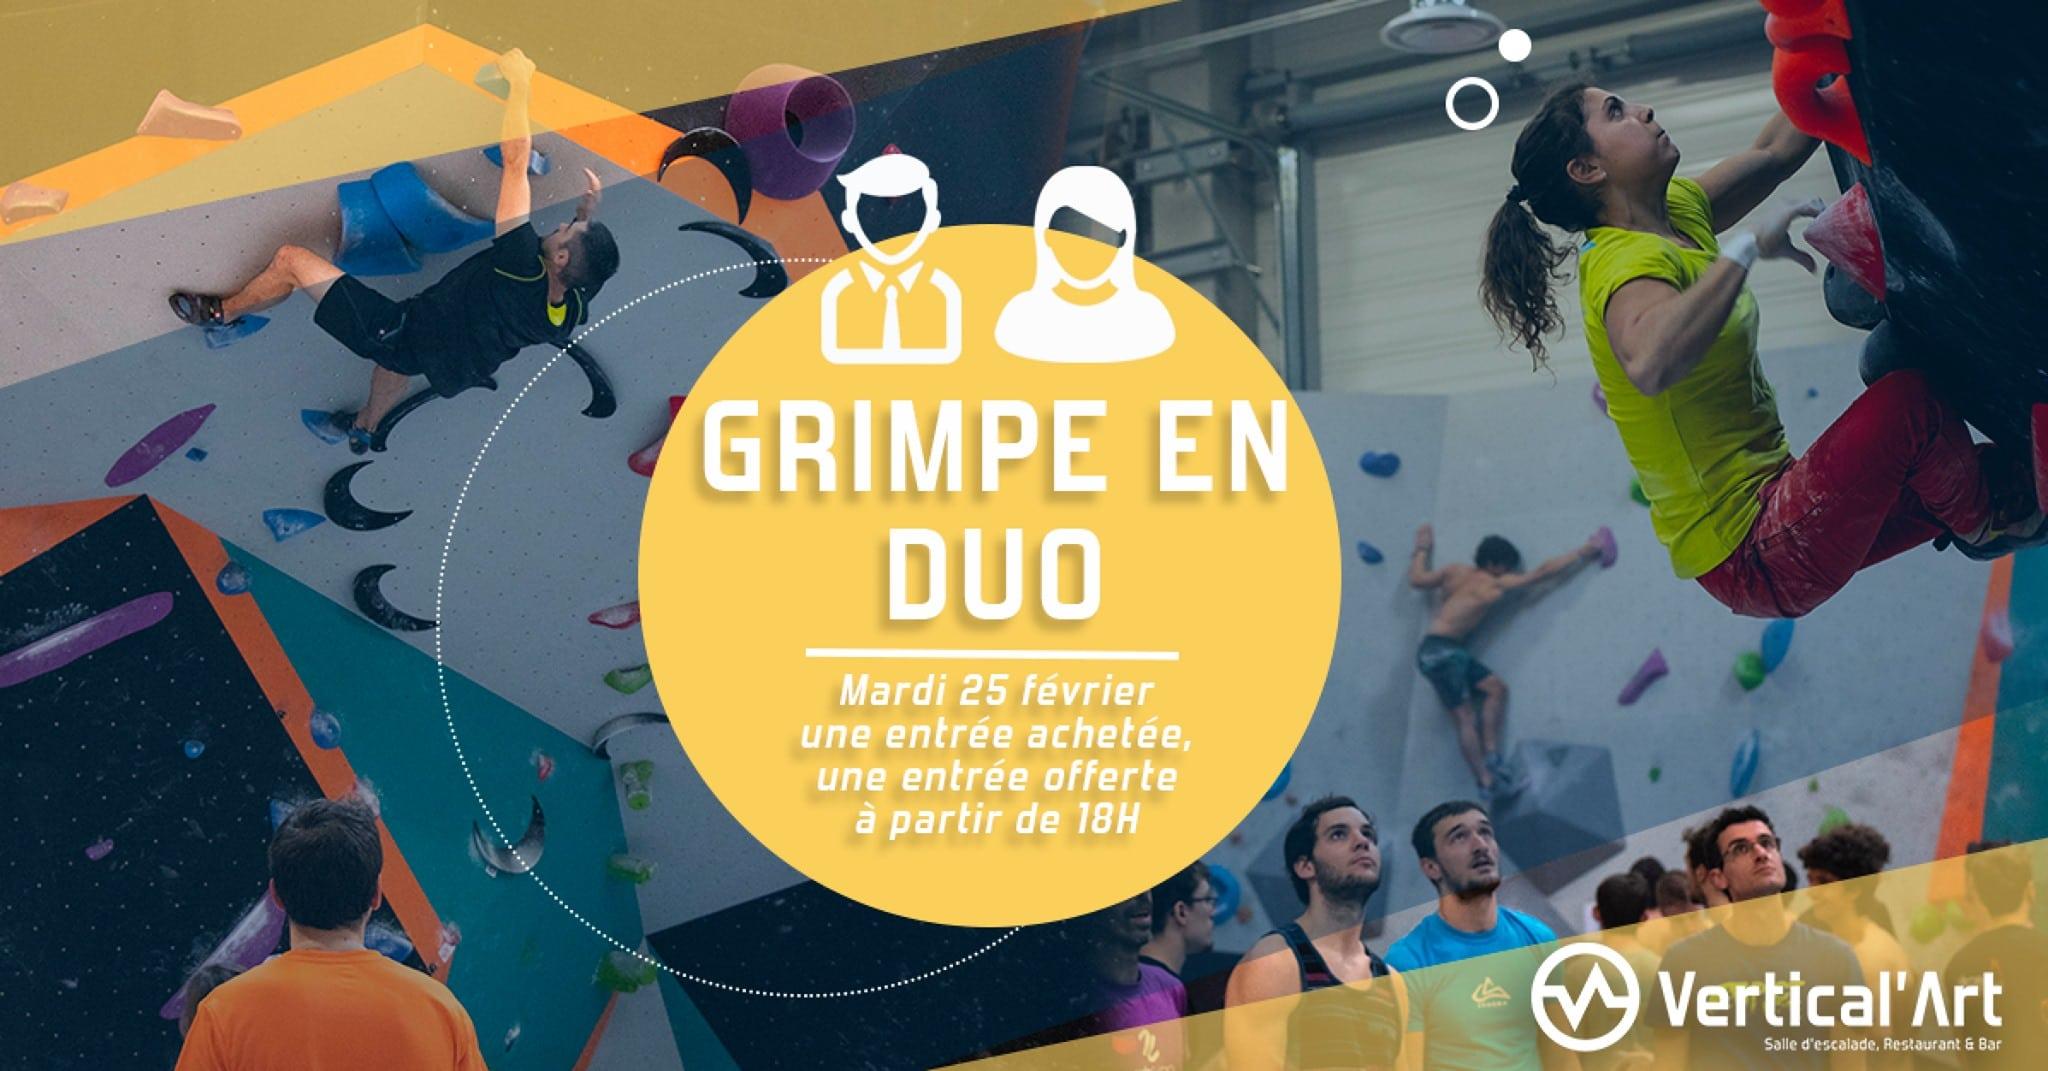 Vertical'Art Lyon - Soirée grimpe en duo à Vertical'Art - Sortir à Lyon - Sortie sportive à 2 à Lyon - Escalade restauration détente à Vertical'Art Lyon - Grimpe en duo à VA Lyon